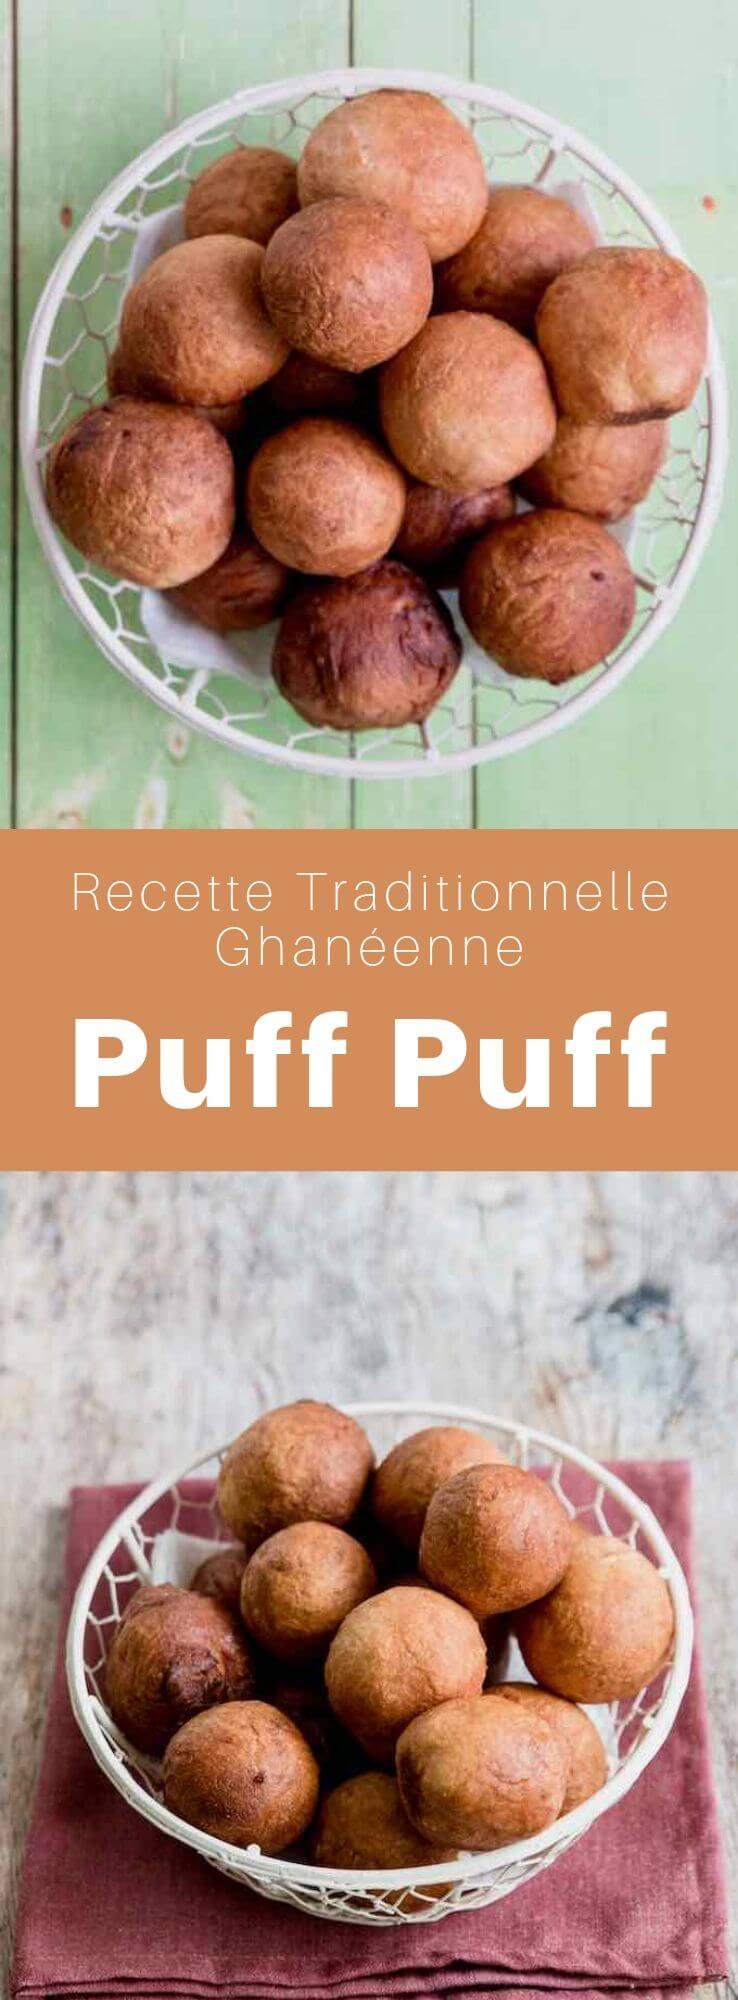 Le puff puff, appelés aussi bofrot, kala, mikate, ou togbei est un beignet populaire en Afrique de l'Ouest comme au Ghana, à la Sierra Leone, au Cameroun, et au Nigeria. #Ghana #Afrique #AfriqueDeLouest #RecetteAfricaine #CuisineAfricaine #CuisineDuMonde #196flavors